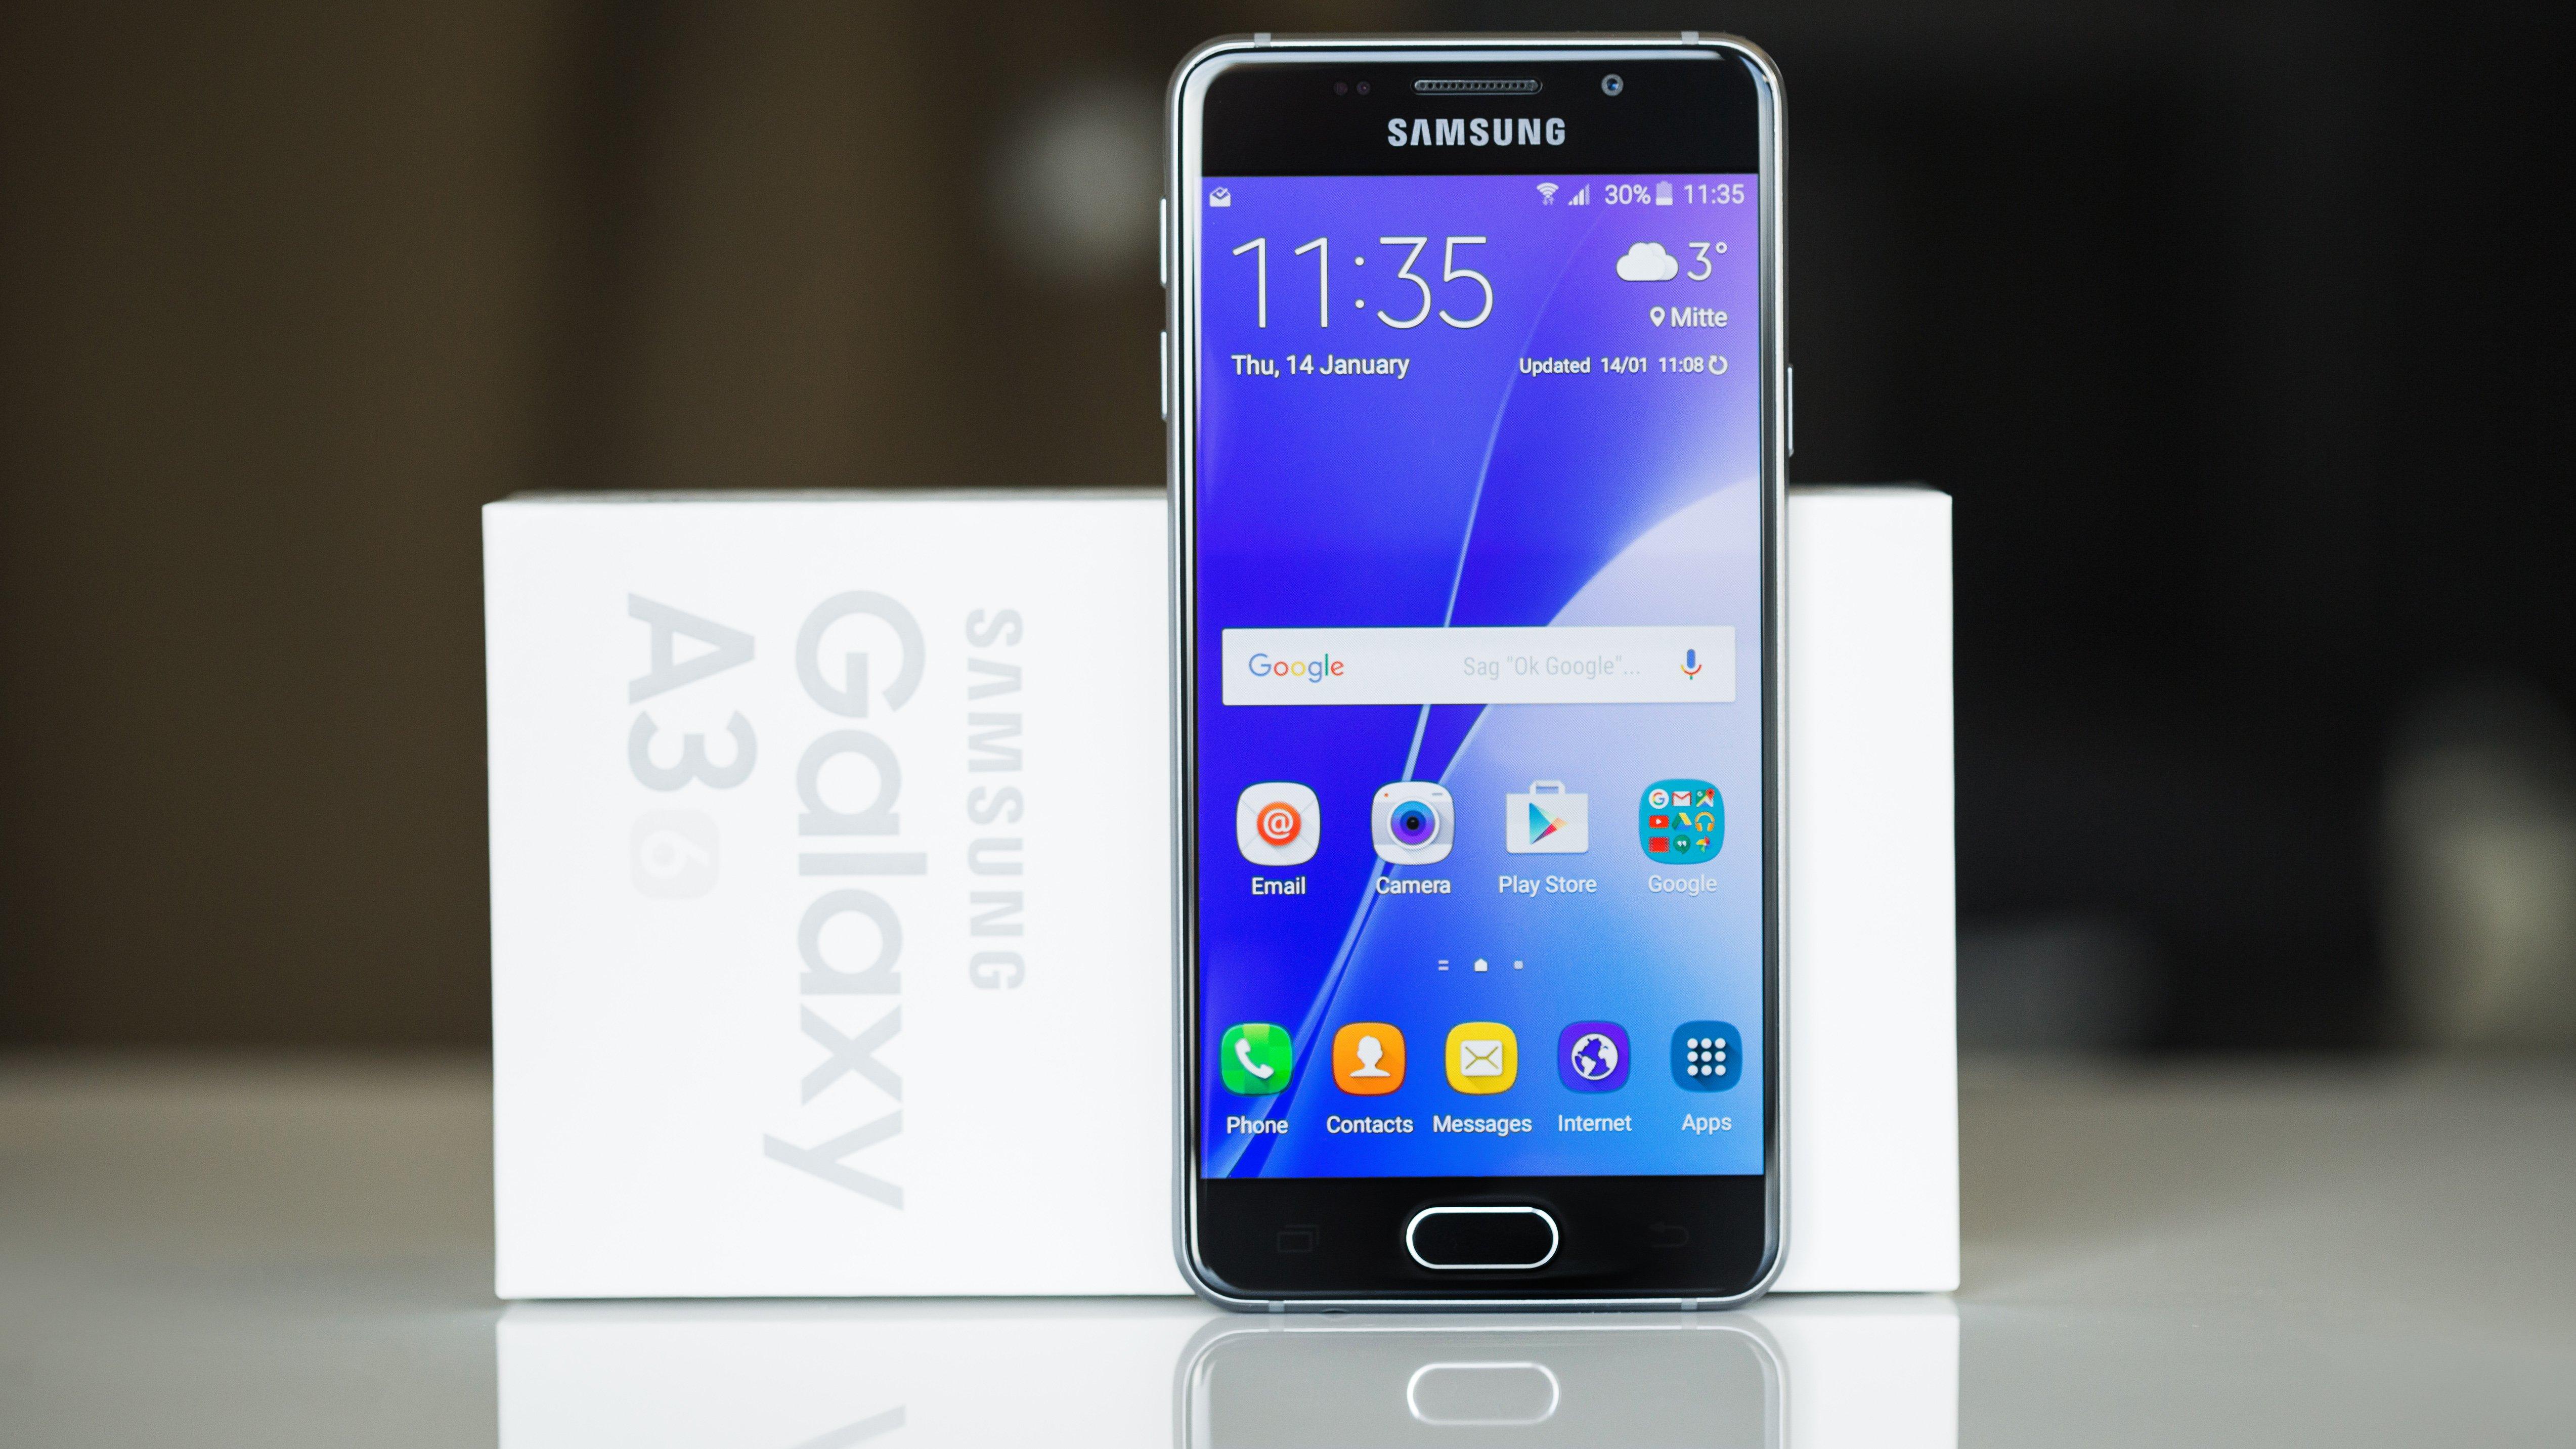 Come eseguire il root di Samsung Galaxy A3, SM-300F, SM 310F, SM-A9000 [Facilmente] 2